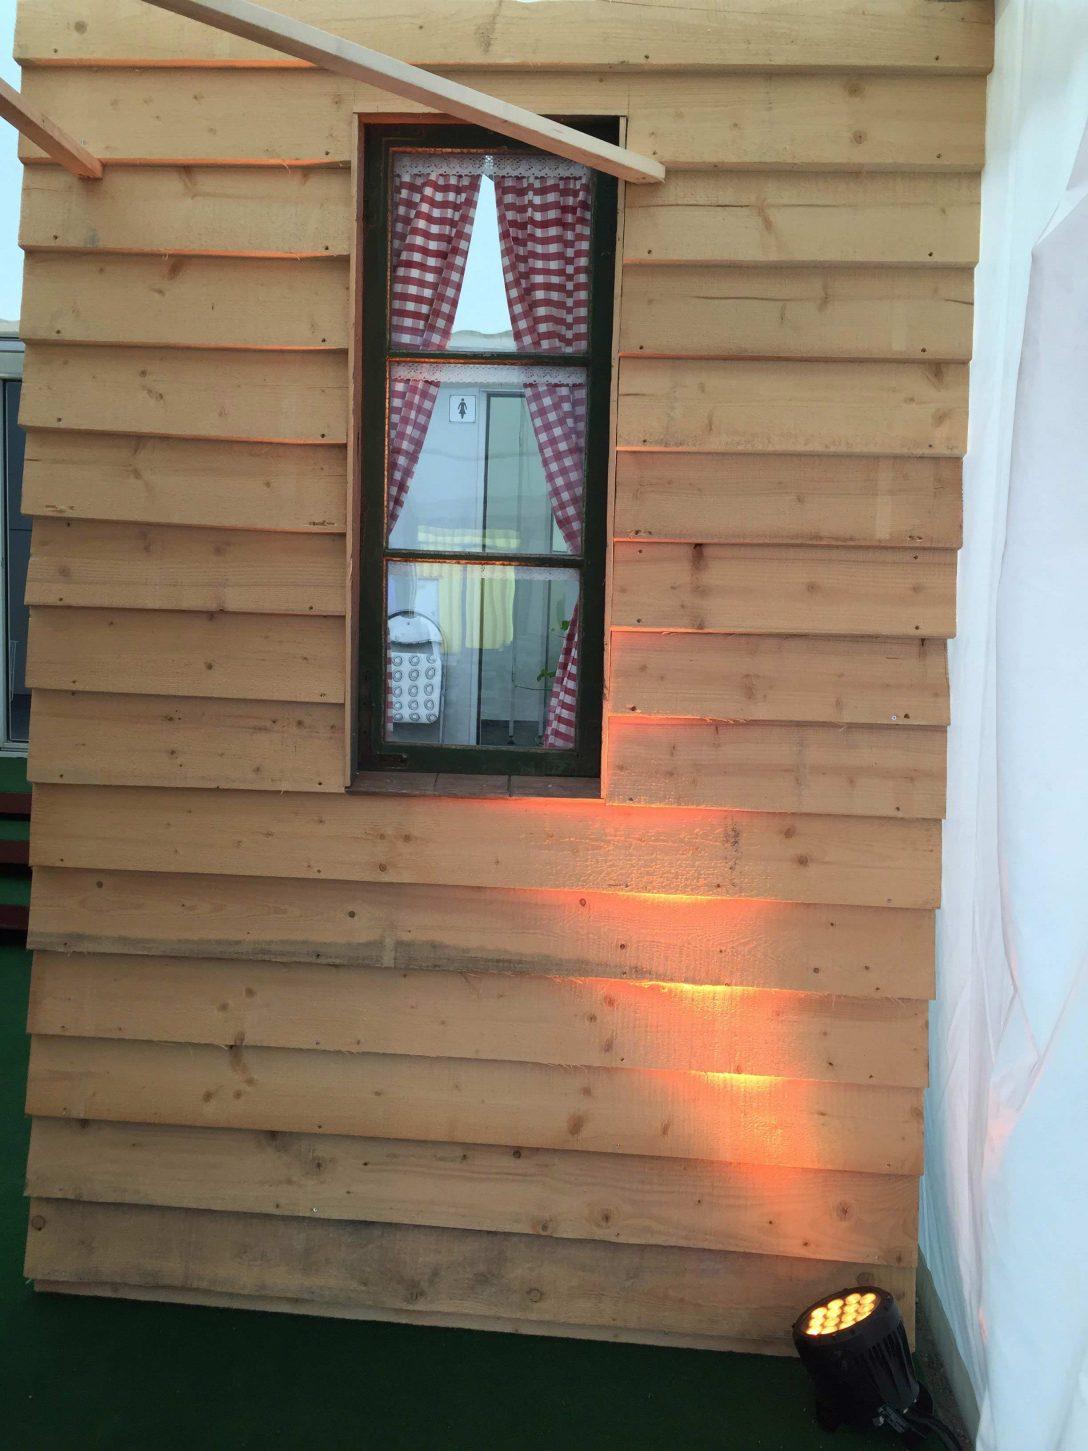 Large Size of Sichtschutz Holz Fenster Lars Brinkmann Eventausstattung Gmbh Veka Preise Einbruchsicherung Sicherheitsfolie Für Austauschen Kosten Türen Rollo Fenster Fenster Sichtschutz